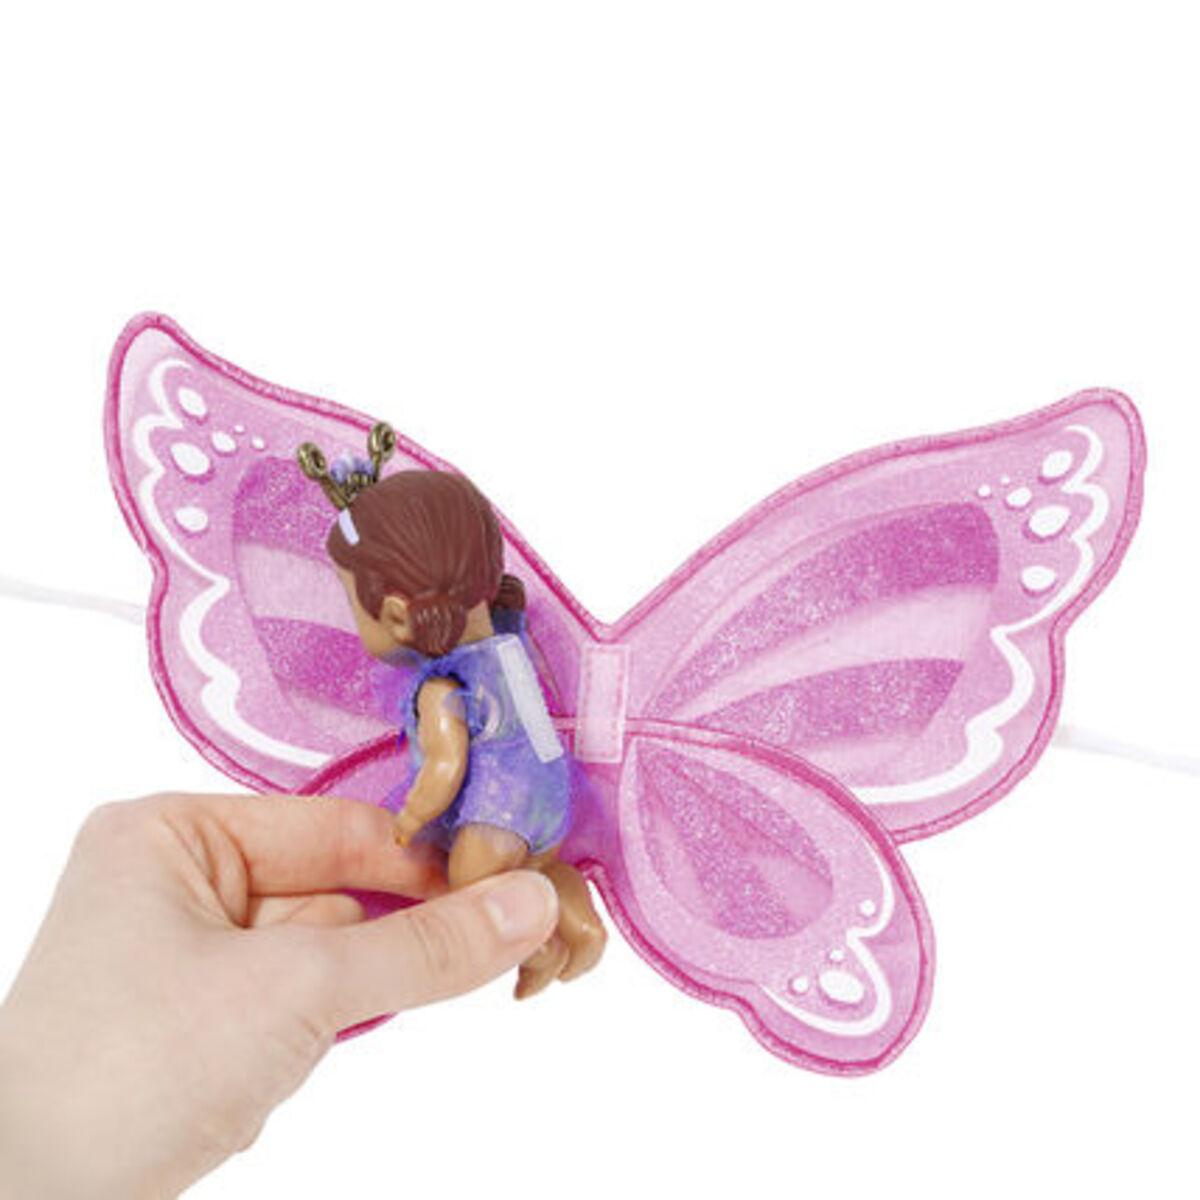 Bild 4 von Zapf Creation® BABY born® Surprise - Schmetterlings-Baby